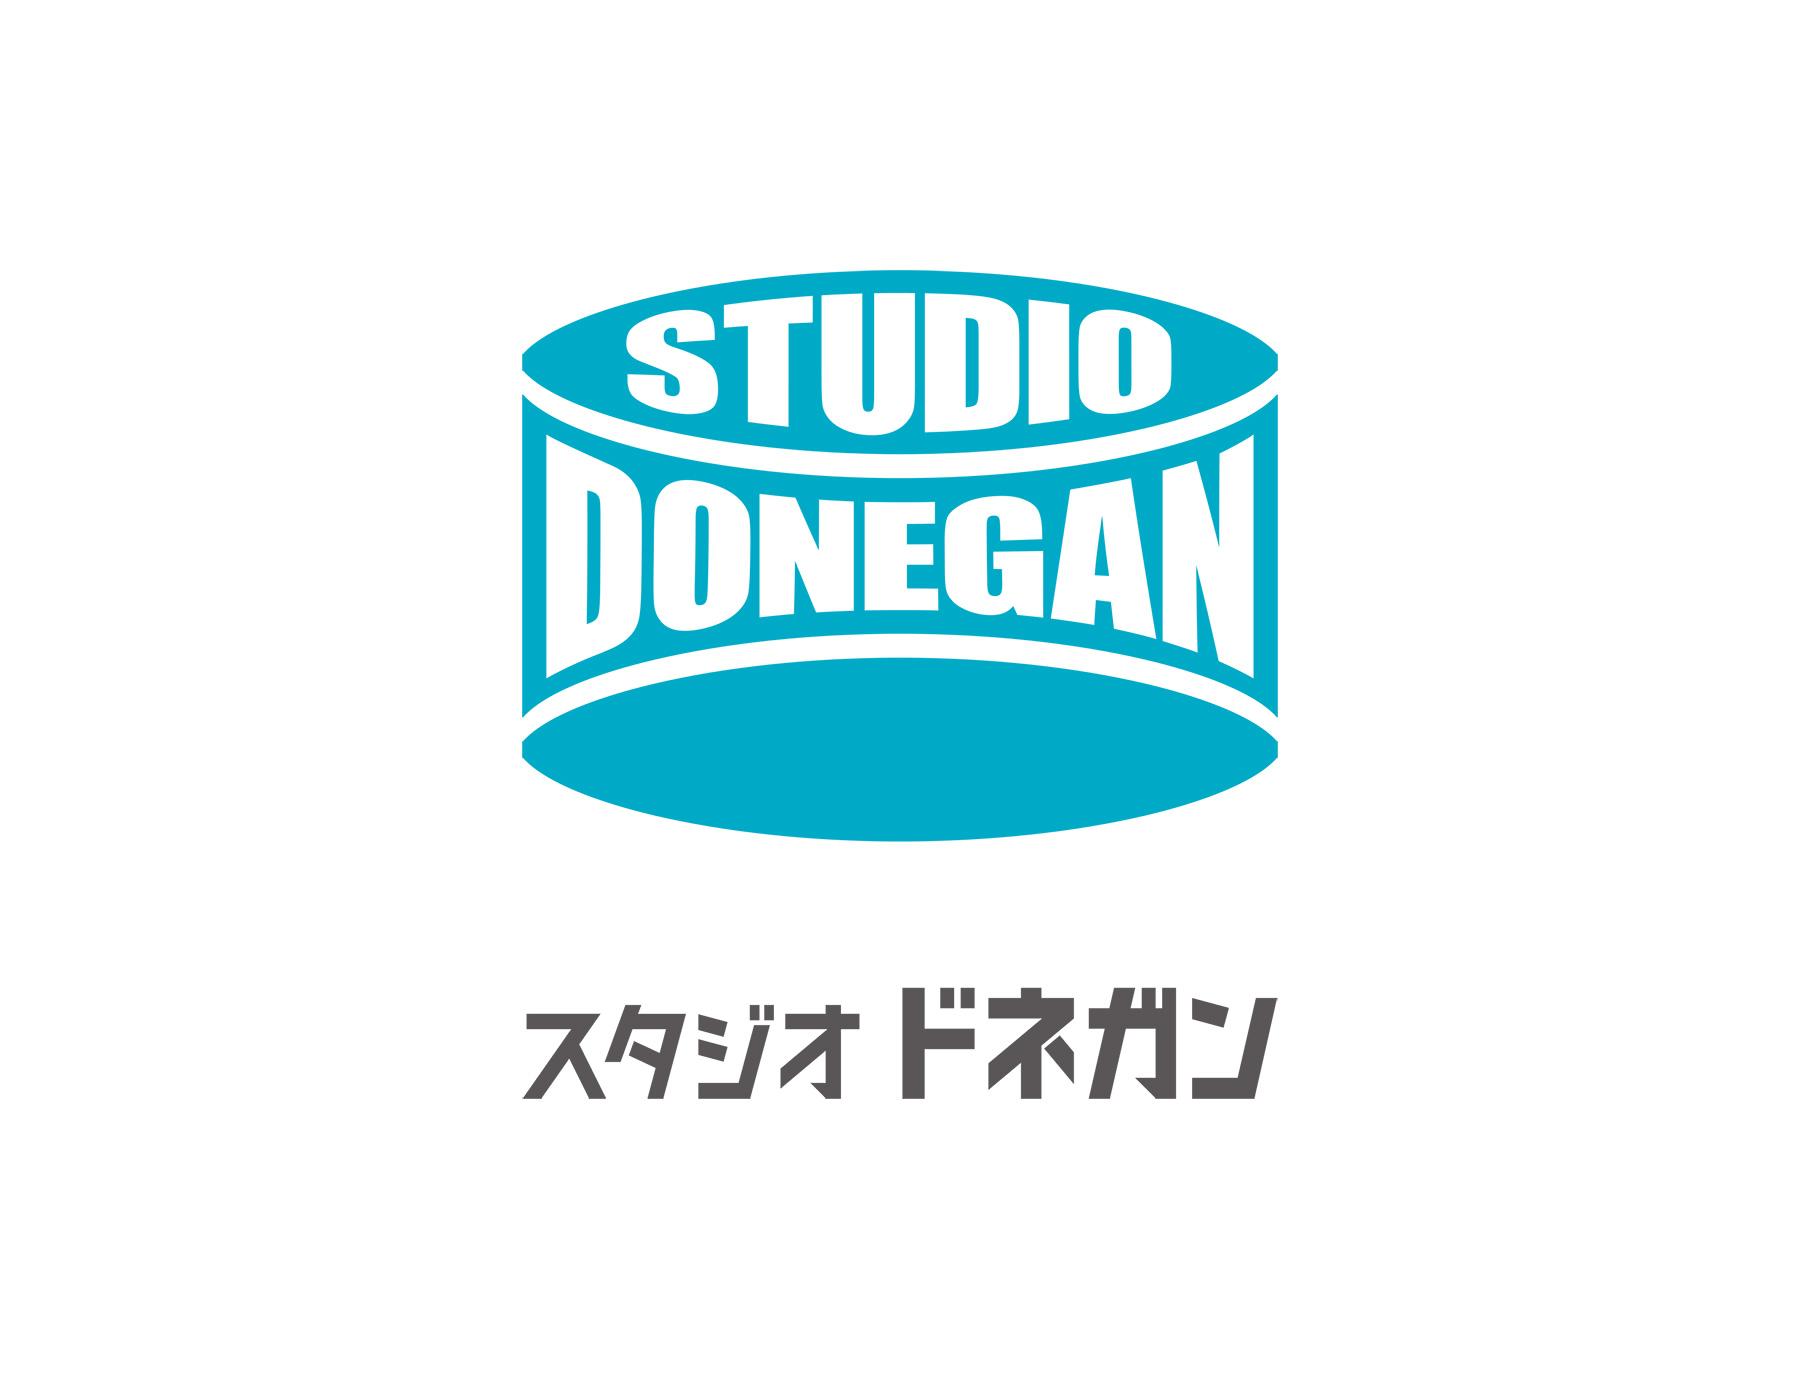 スタジオ ドネガン ロゴマーク